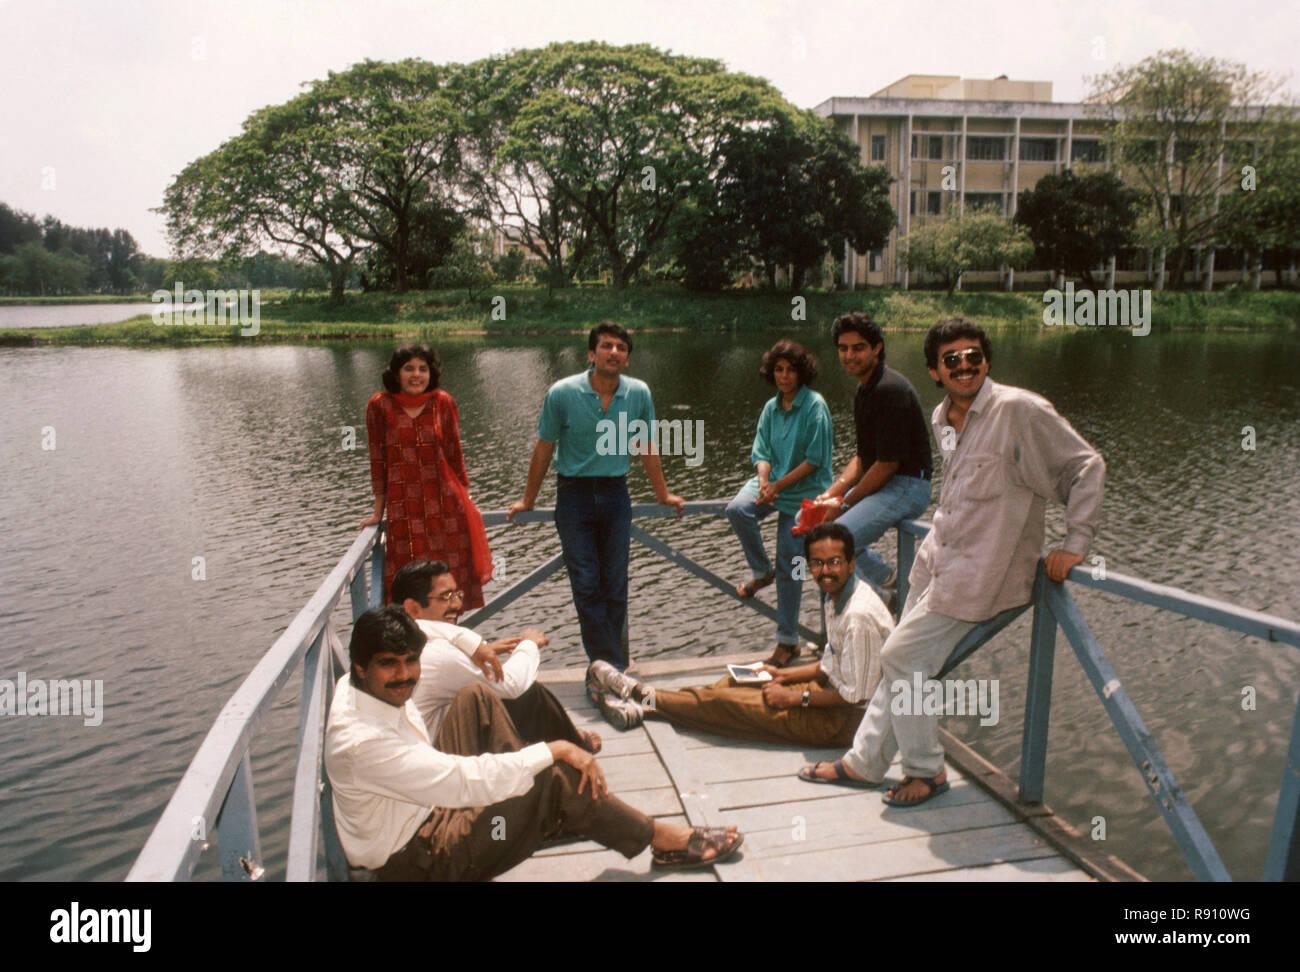 Les étudiants de l'IIMC collage campus, Inde Photo Stock